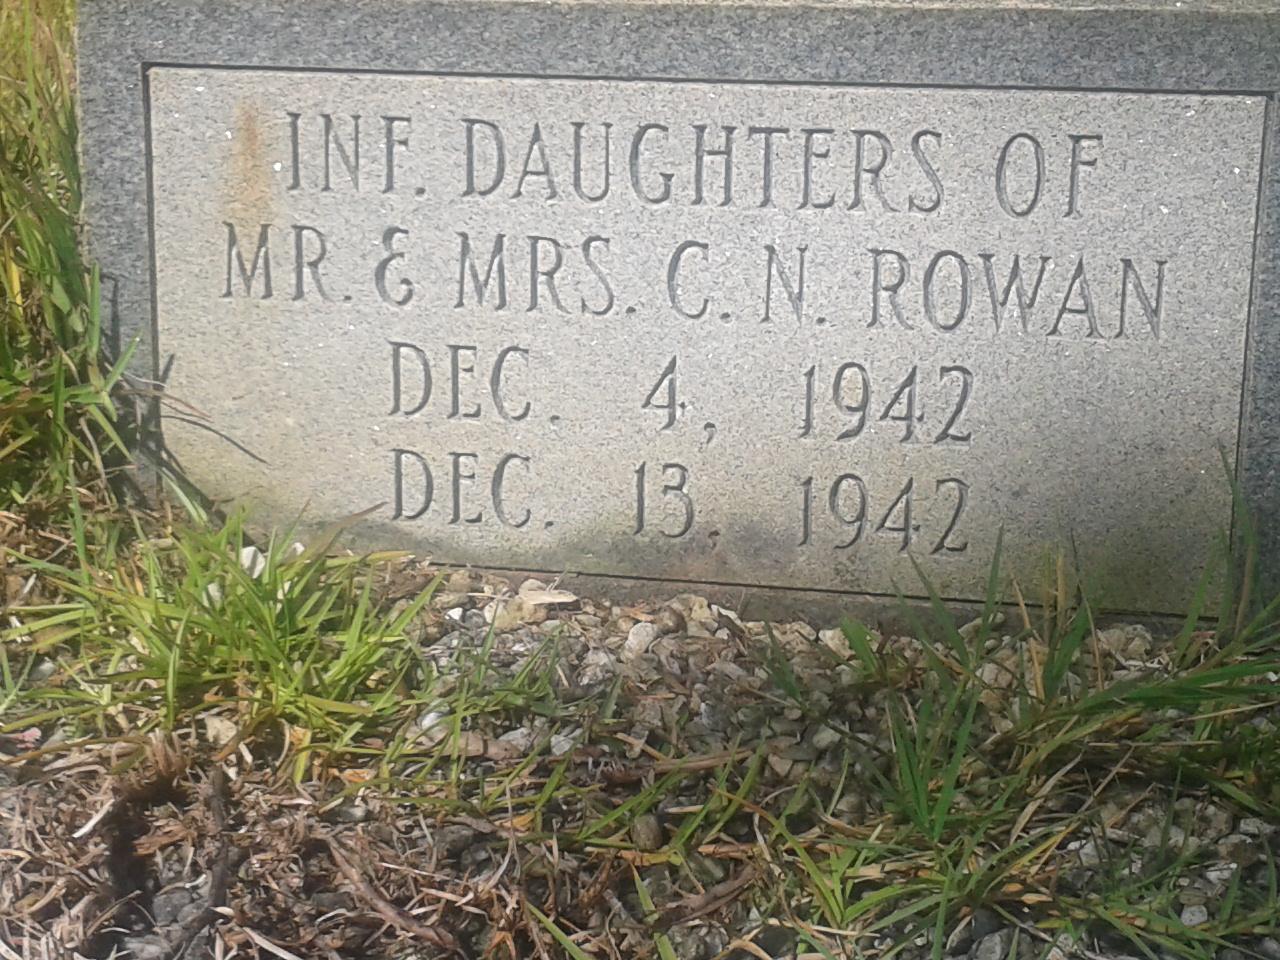 Infant Daughter 2 Rowan